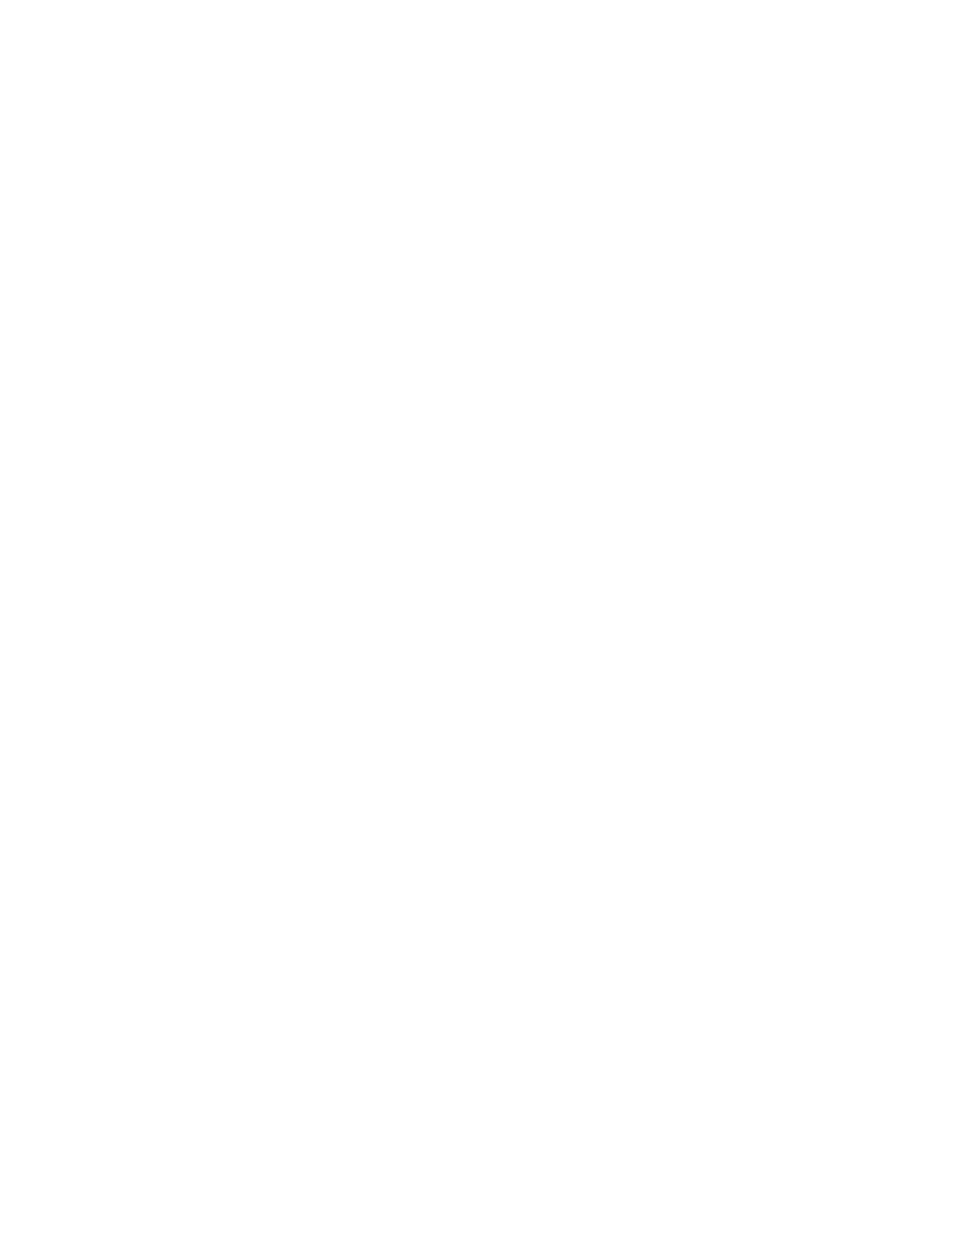 Gestión de las opciones de impresión de portadas | Xerox